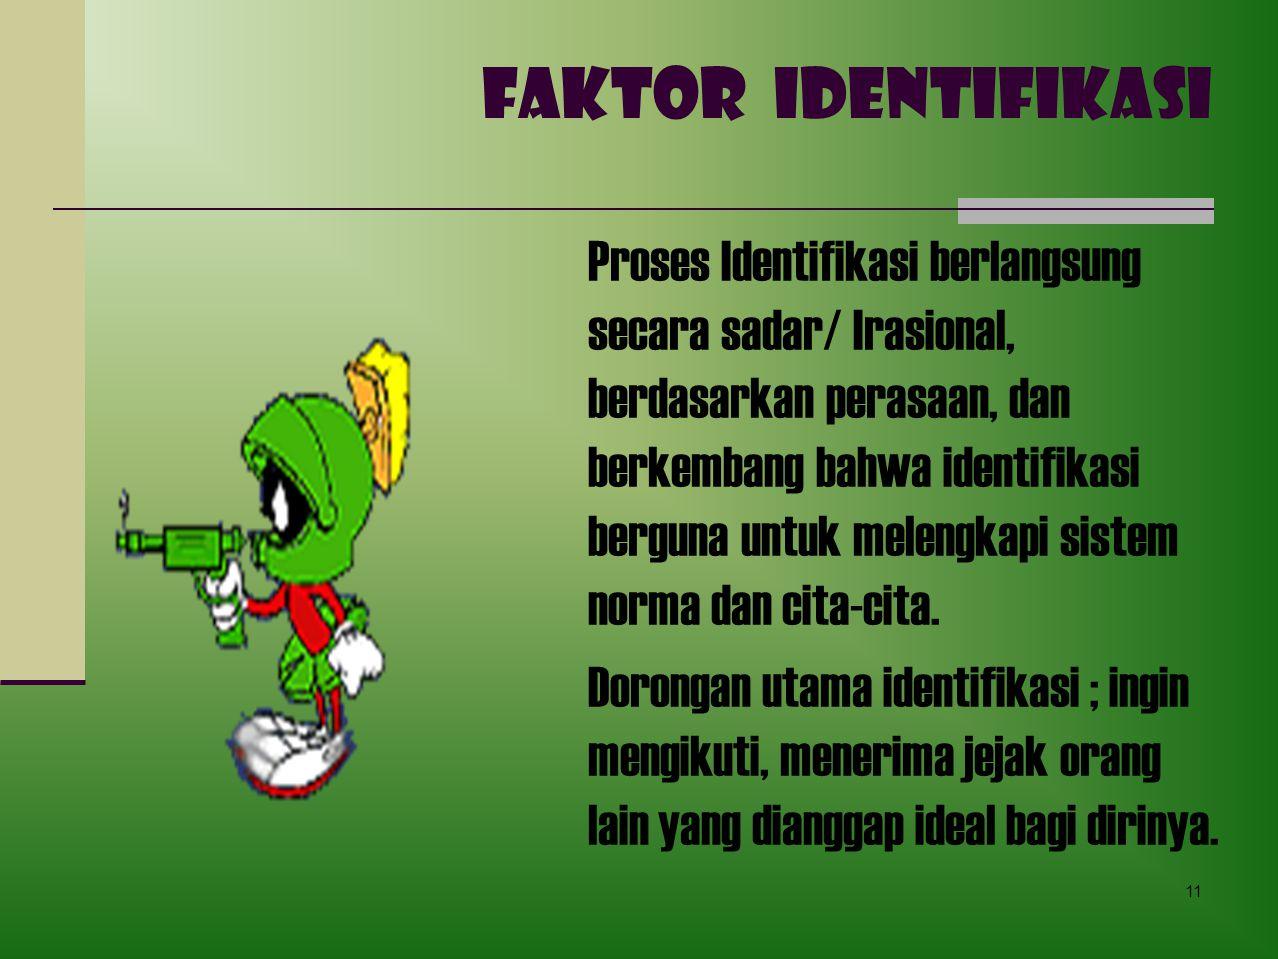 11 FAKTOR IDENTIFIKASI Proses Identifikasi berlangsung secara sadar/ Irasional, berdasarkan perasaan, dan berkembang bahwa identifikasi berguna untuk